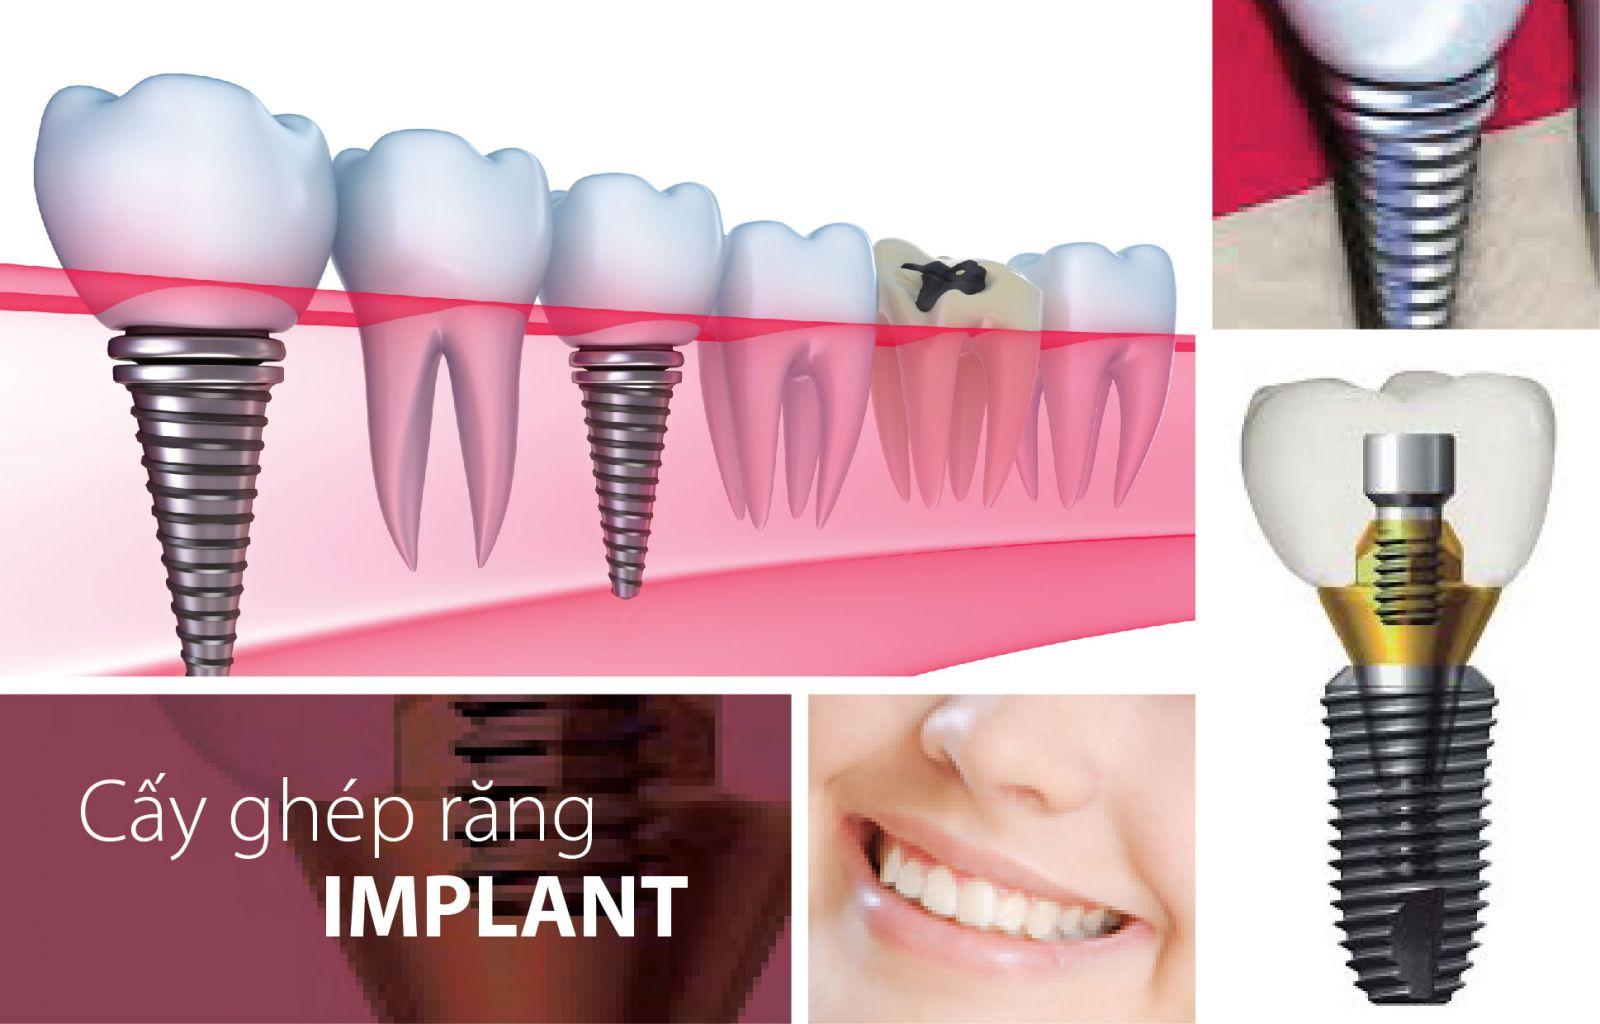 Cấy ghép răng implant có đau không ?